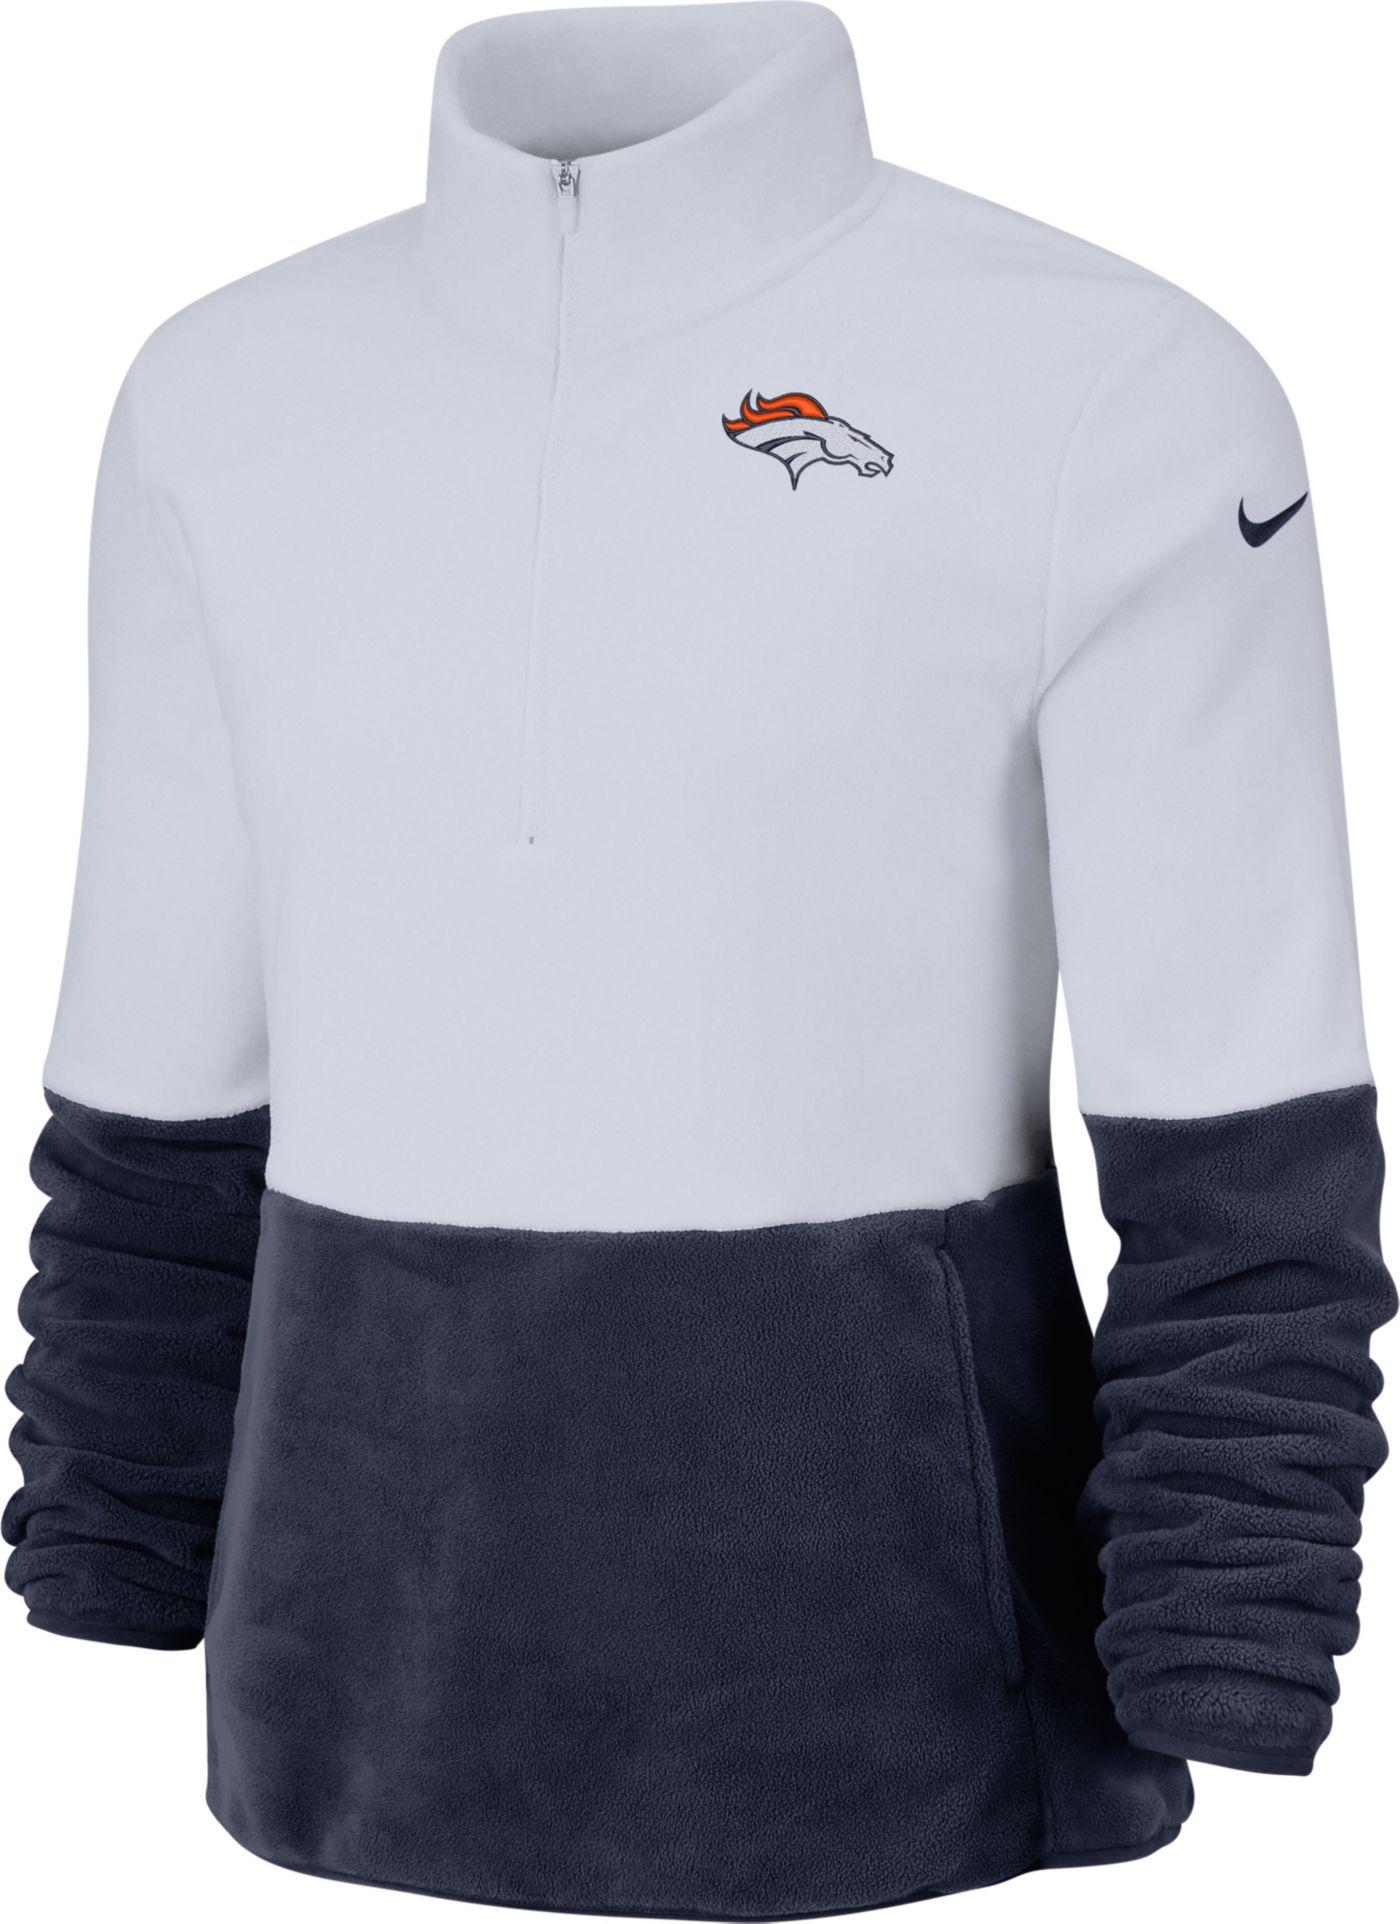 Nike Women's Denver Broncos Therma-FIT Fleece Half-Zip Pullover